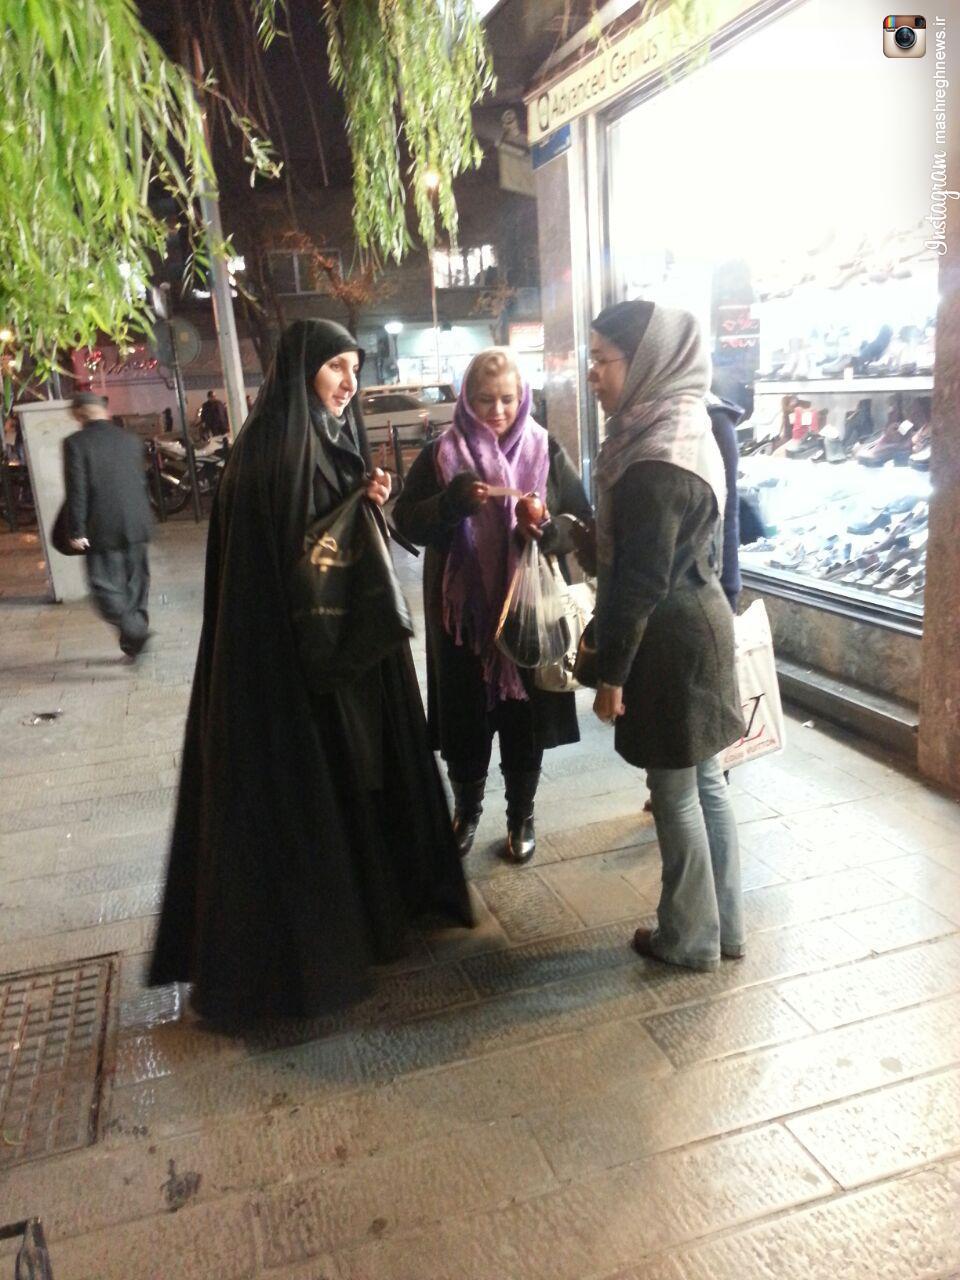 عکس/ توزیع انارهای مزین به دل نوشته های مربوط به امام زمان (عج) در شب یلدا